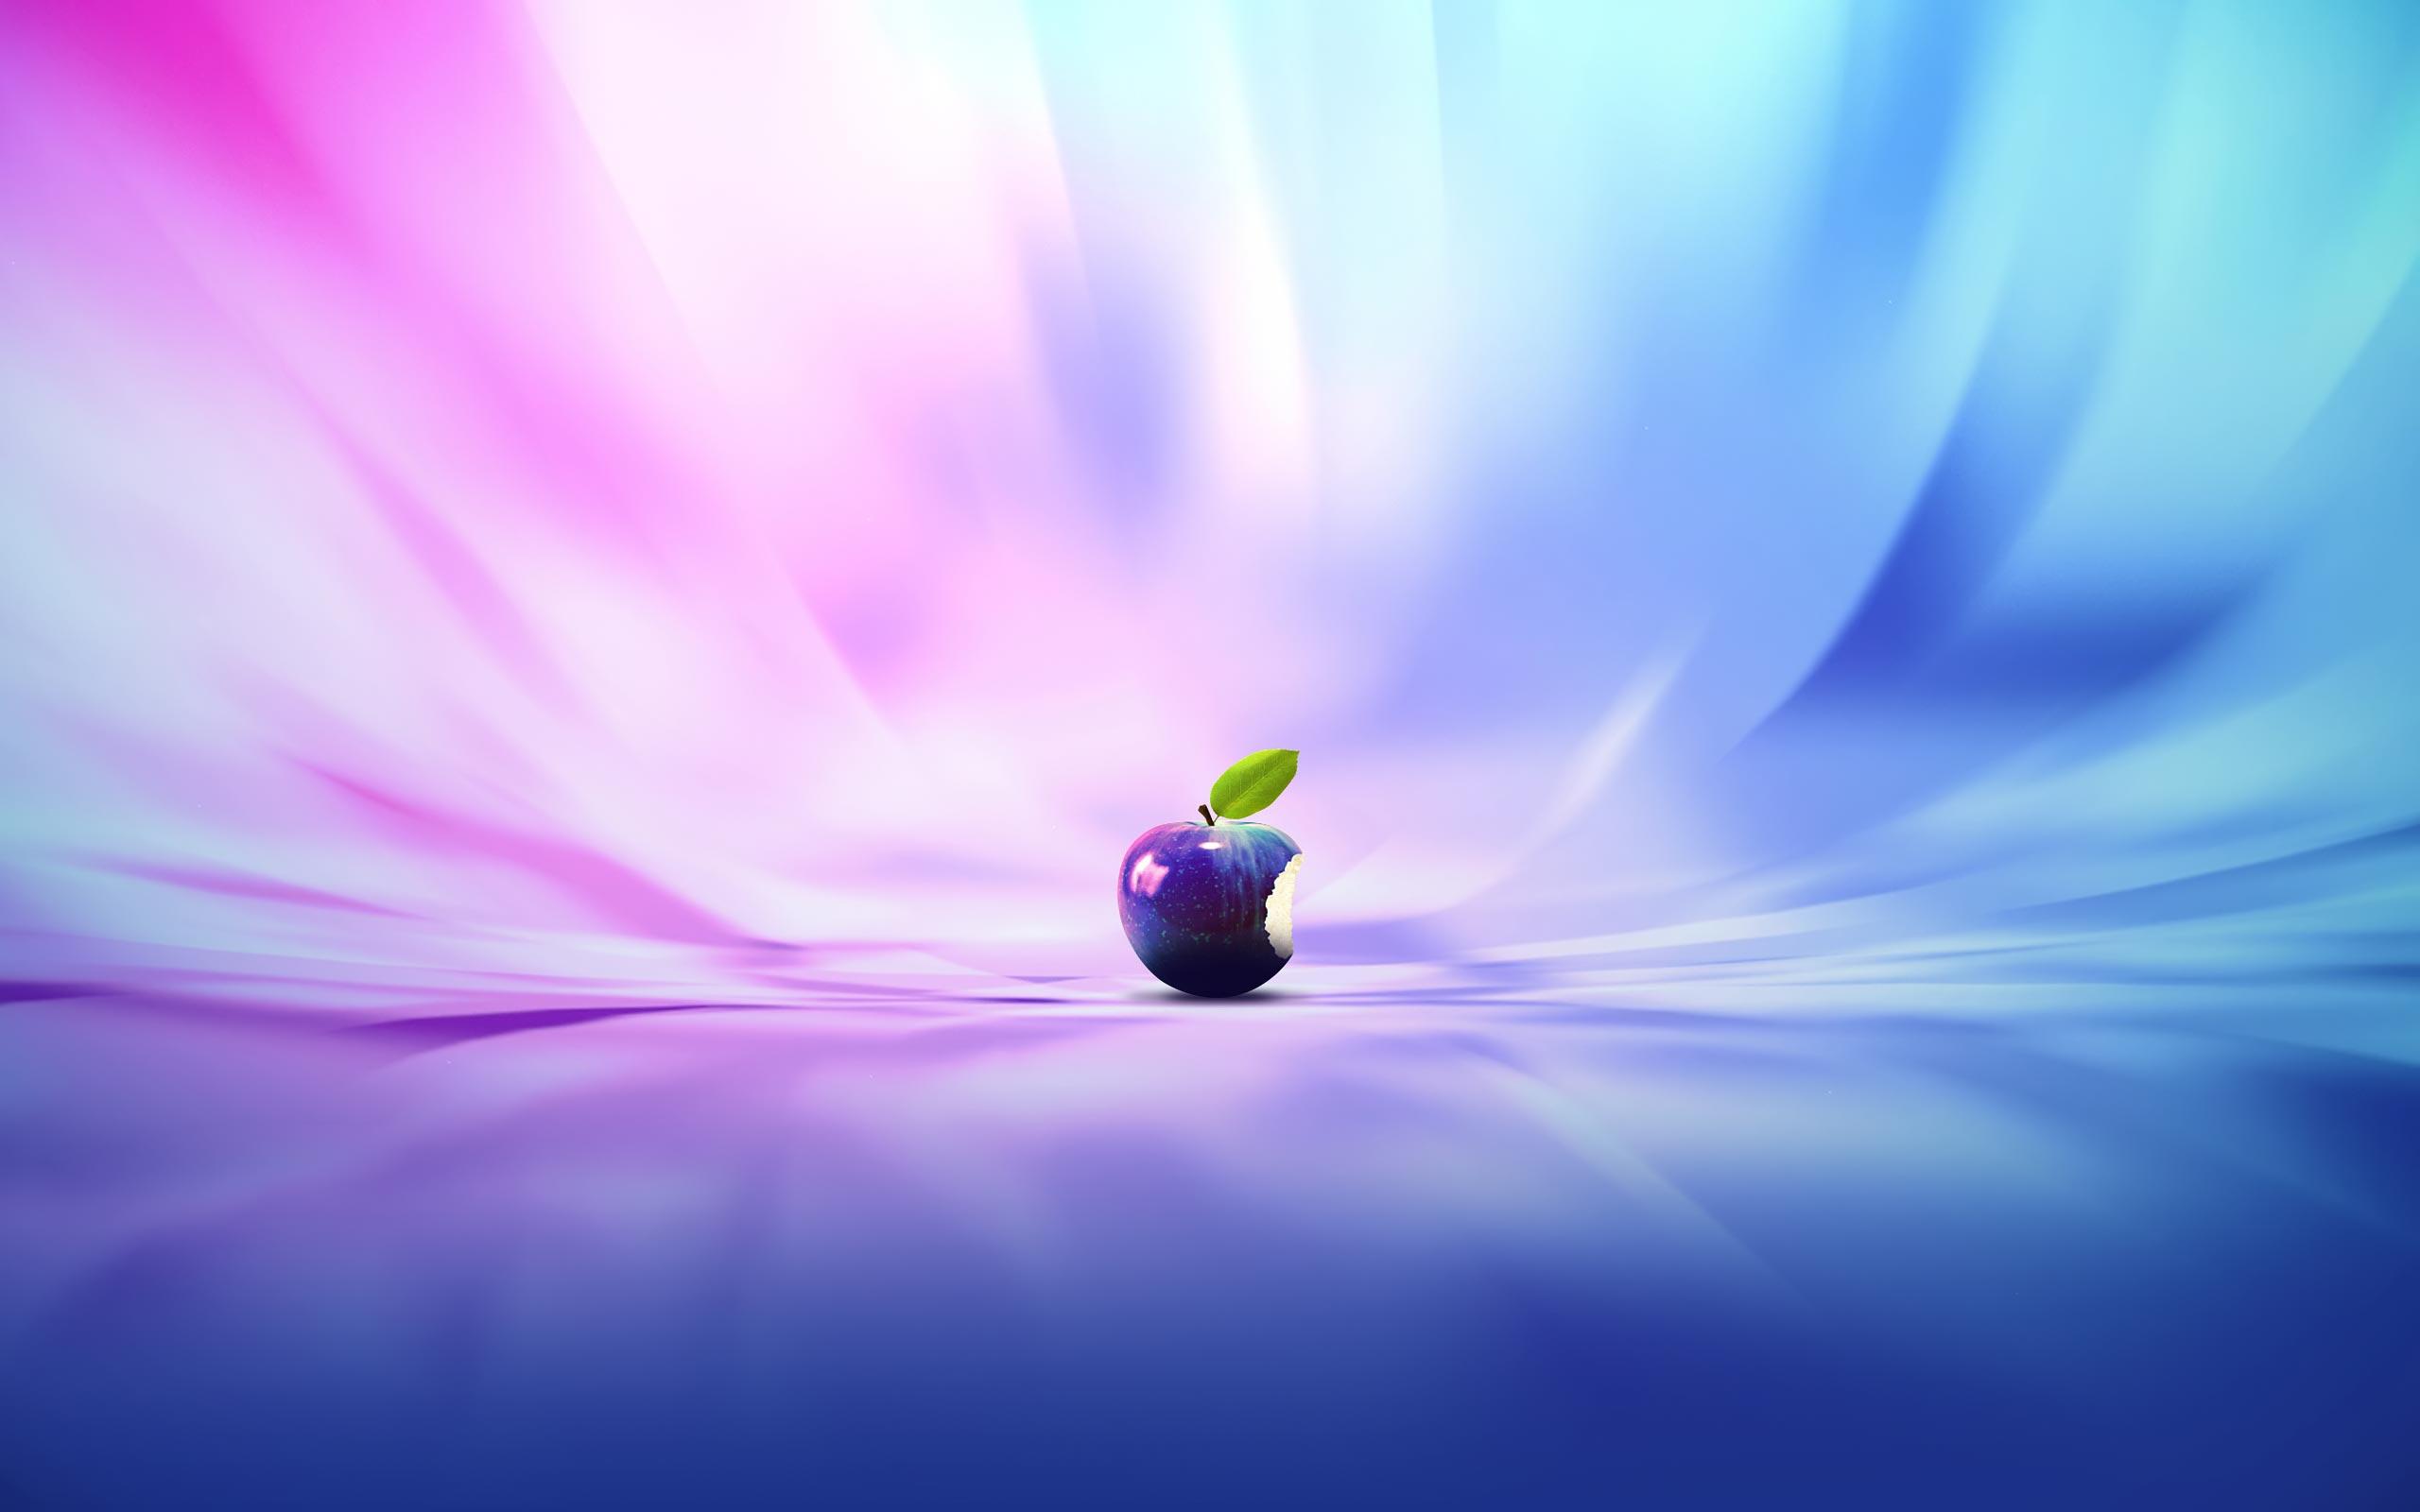 macbook pro desktop wallpaper | MacBook Pro wallpaper | High